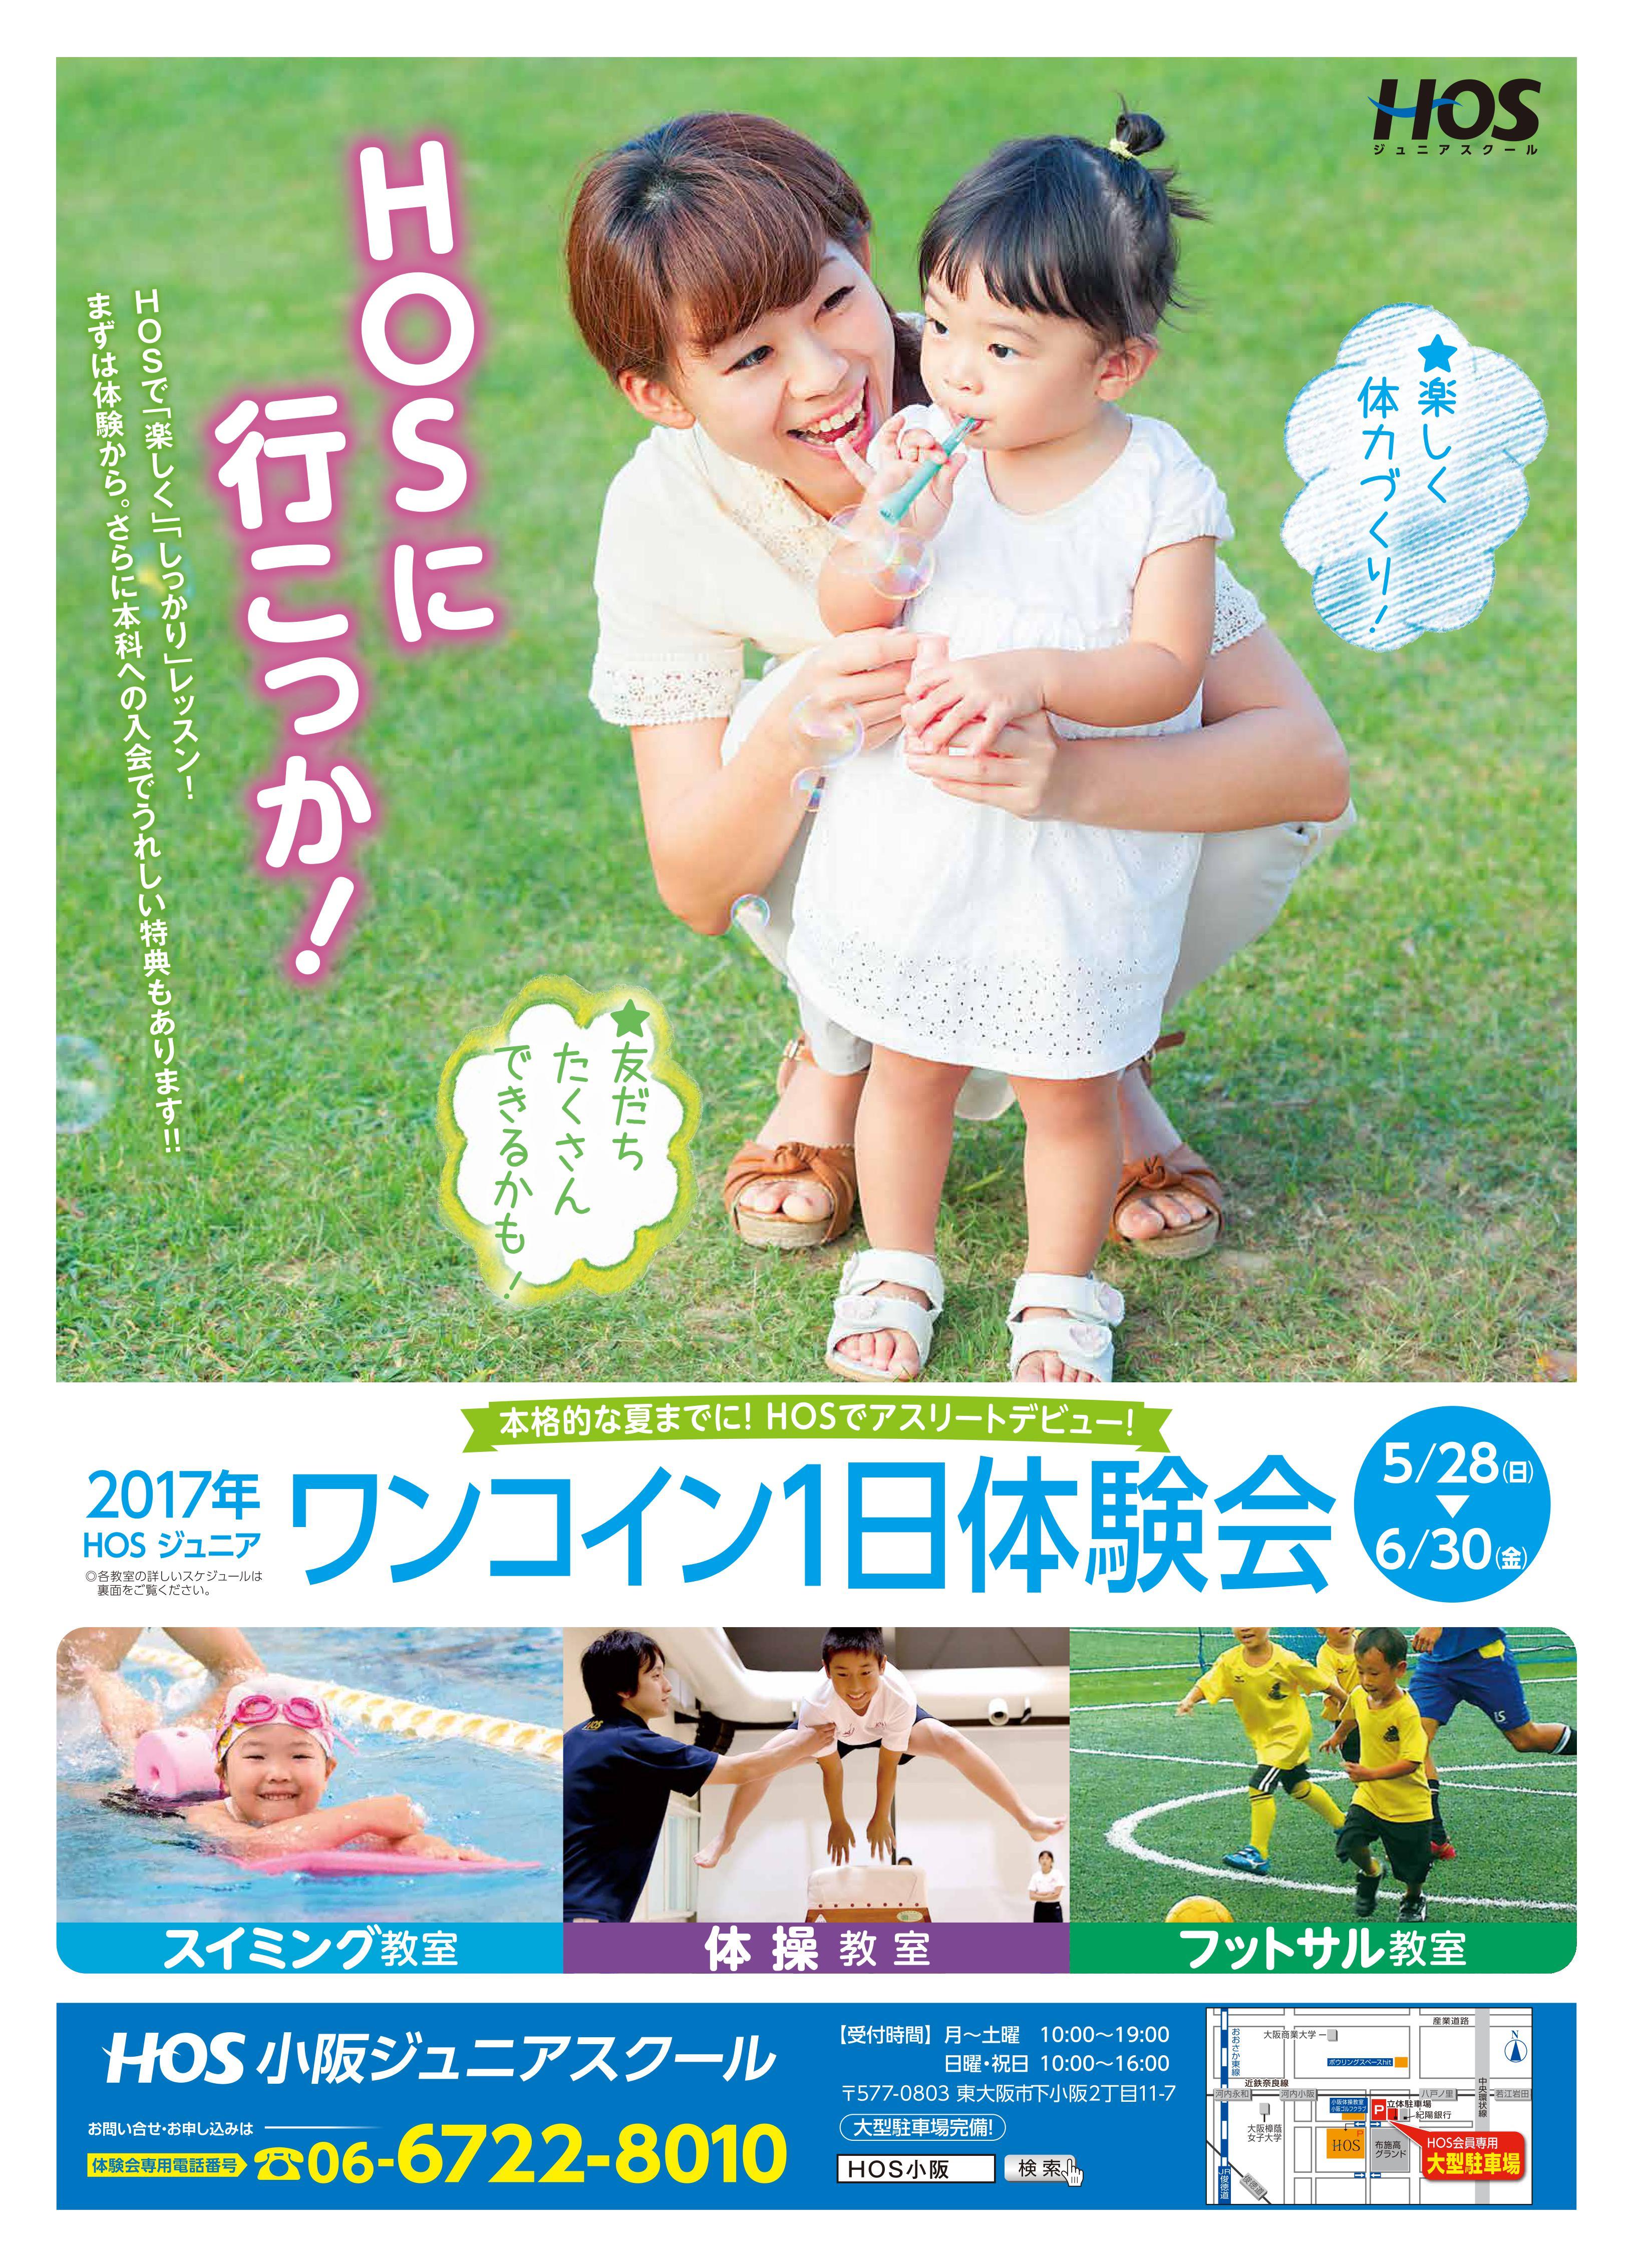 201705-kosaka-jr-01